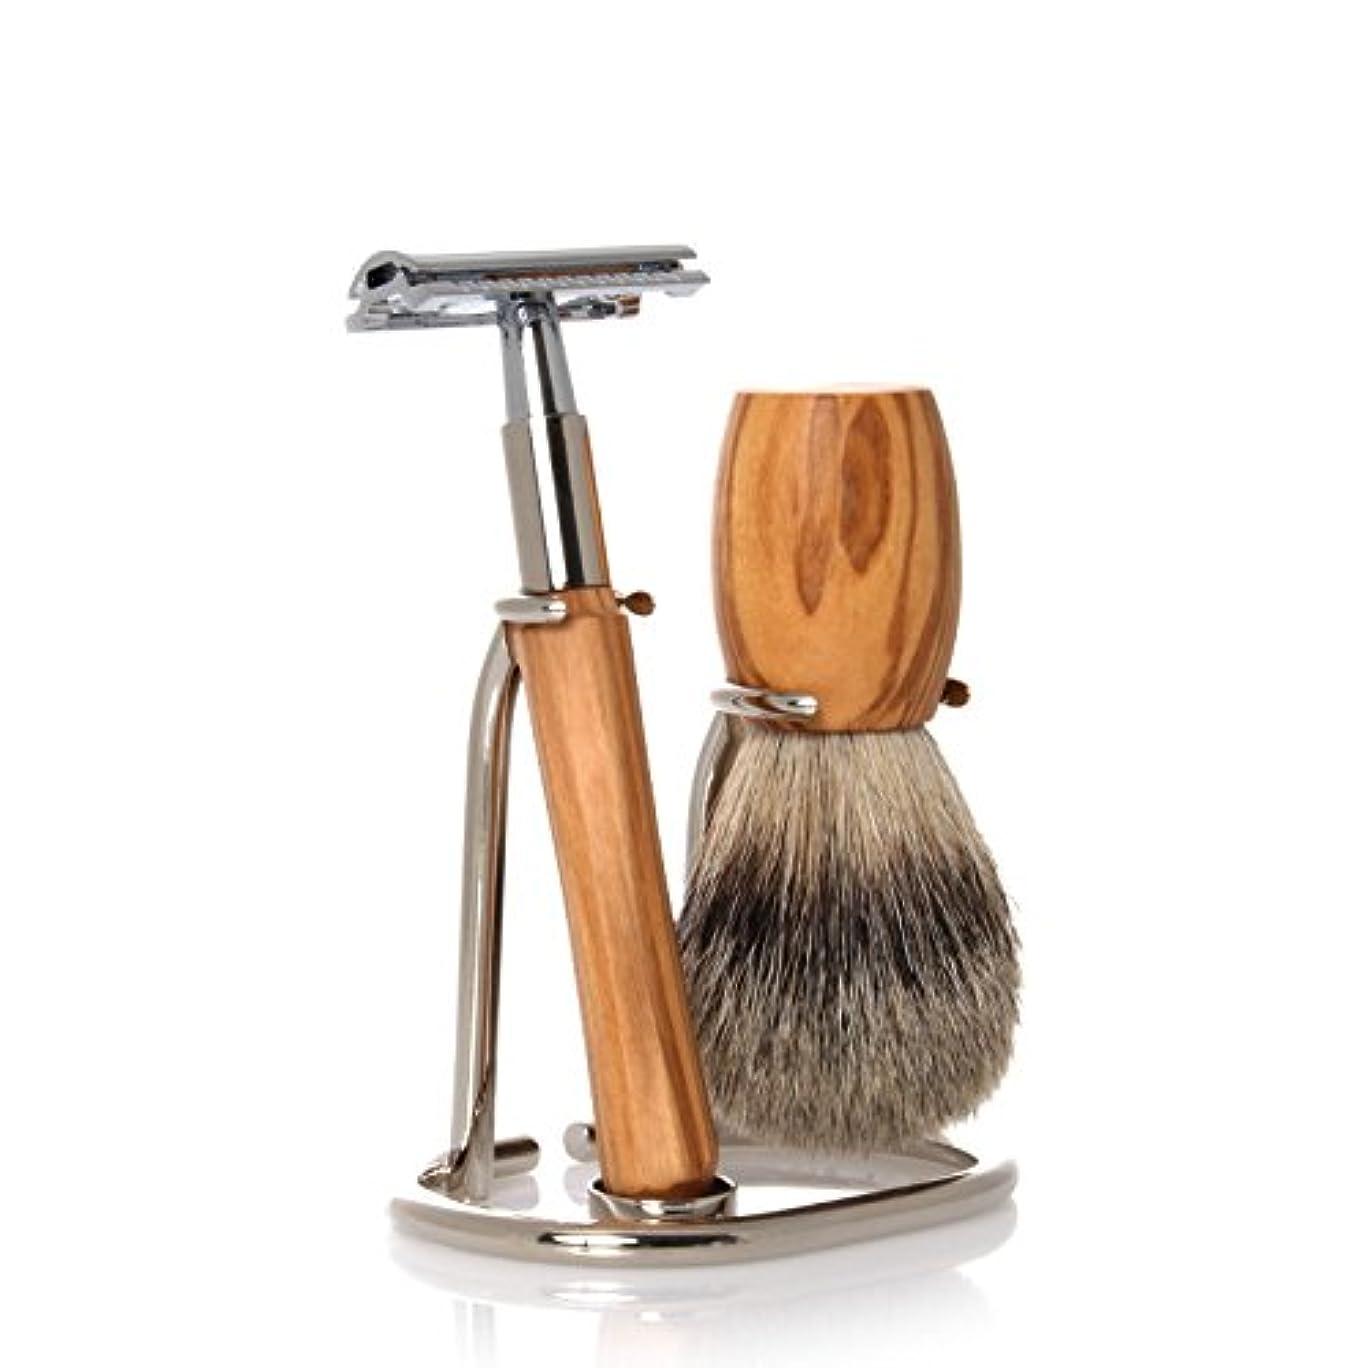 GOLDDACHS Shaving Set, Safety razor, Finest Badger, olive wood